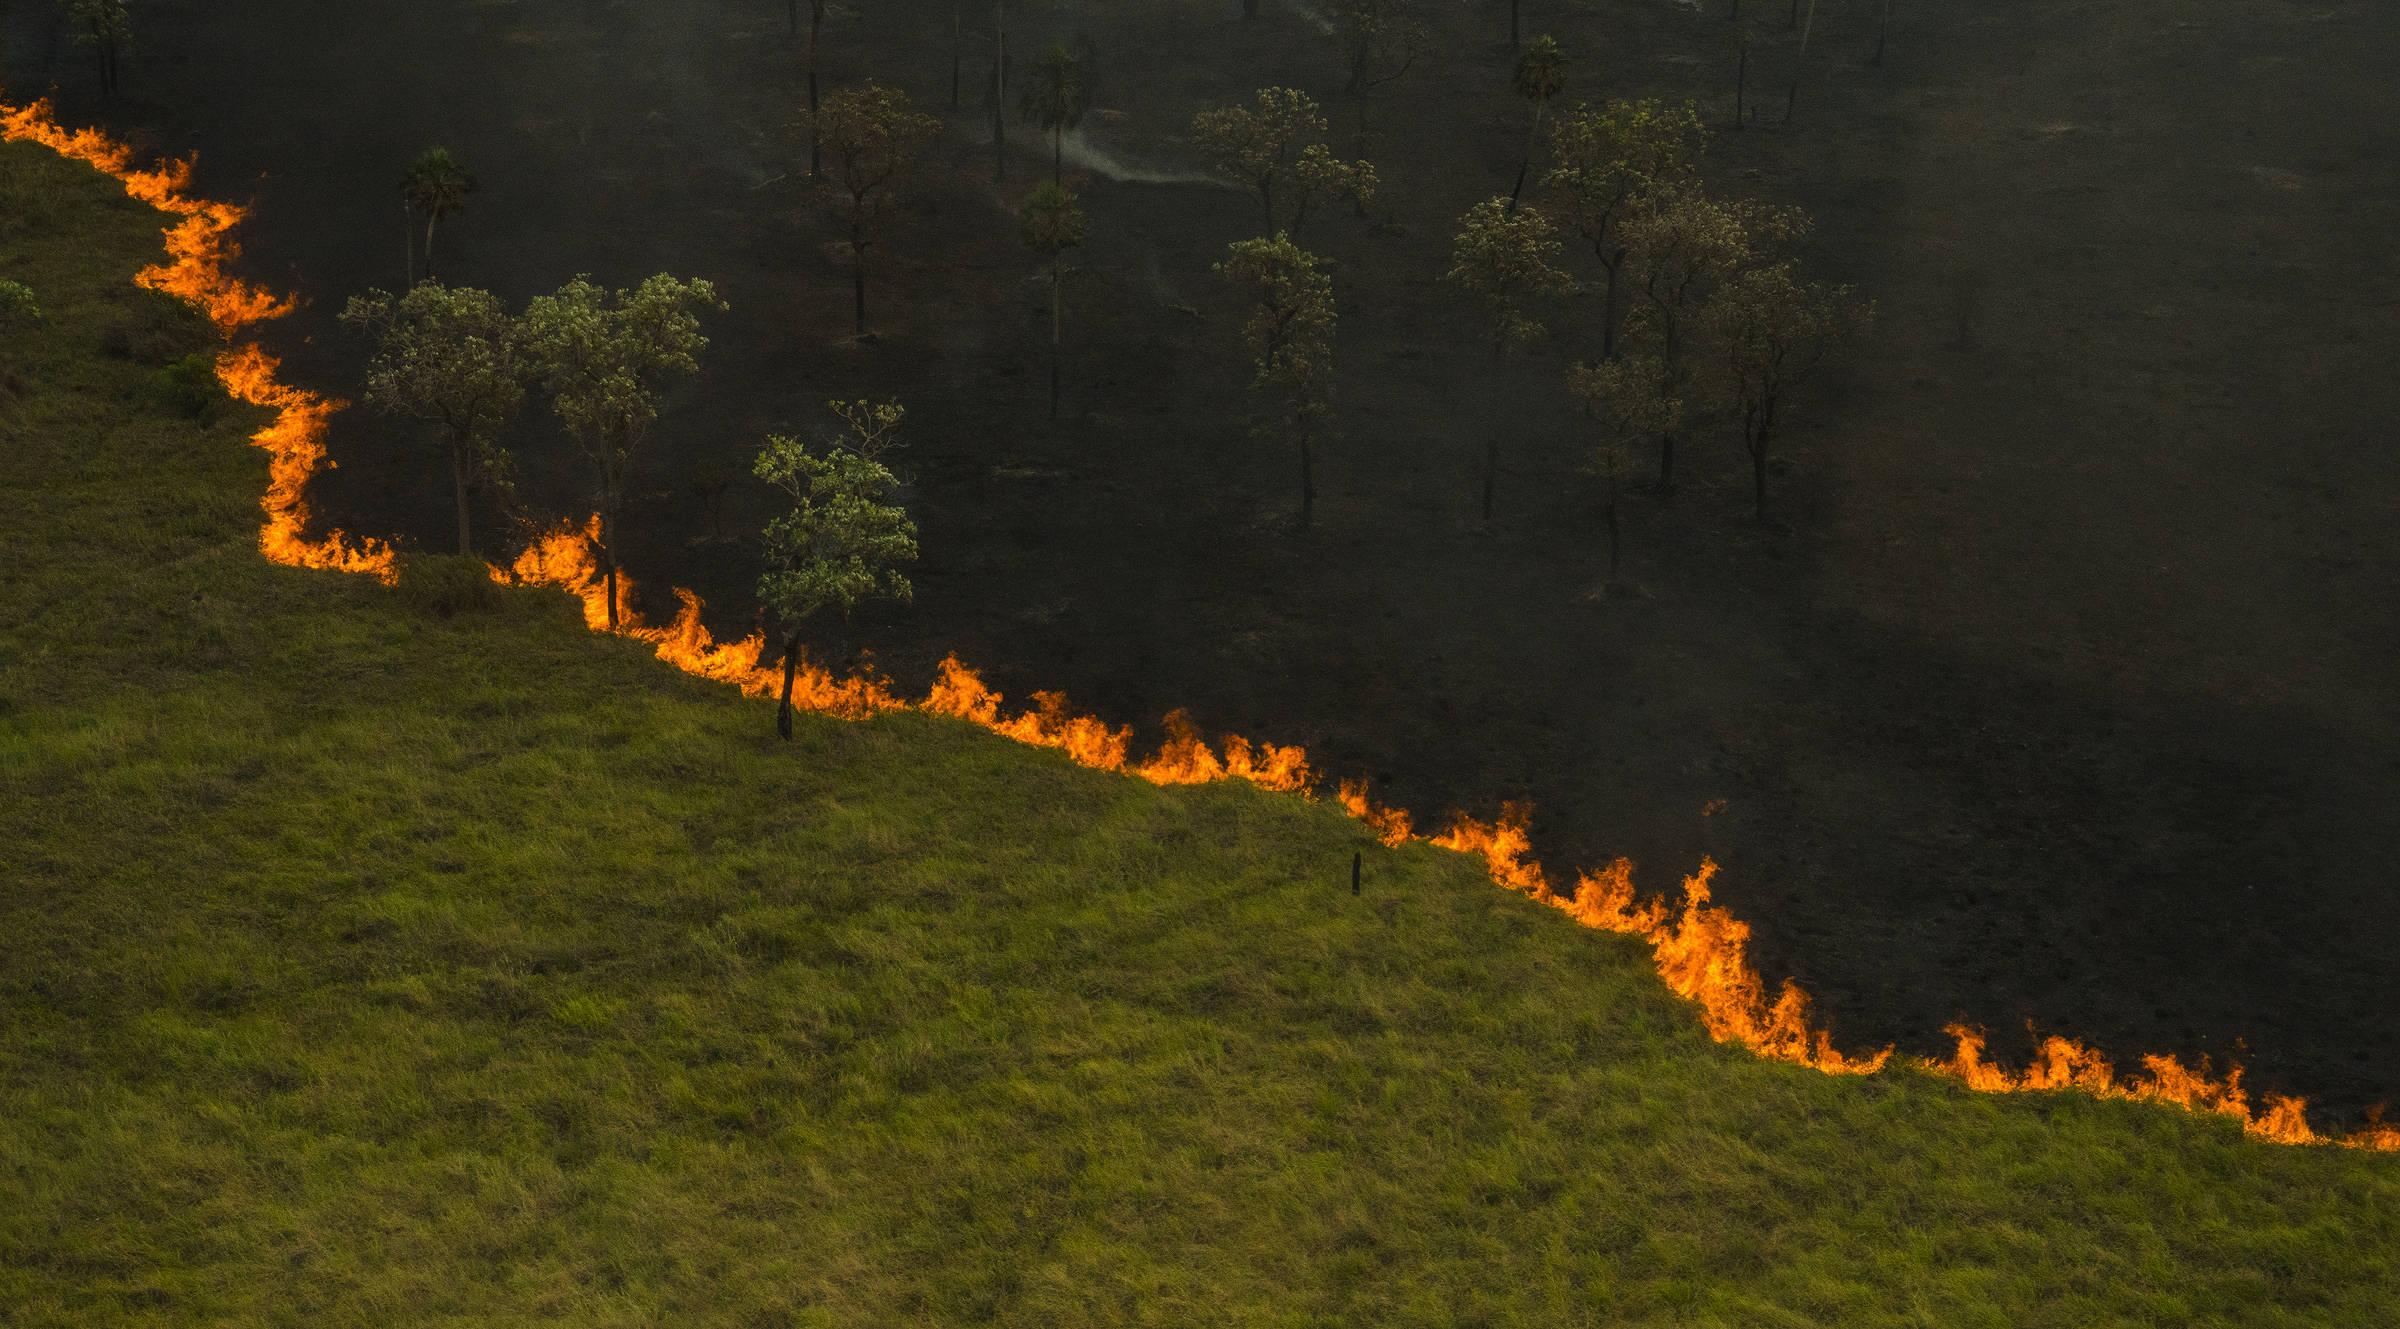 Saiba como os incêndios na Amazônia causam impacto direto no Pantanal